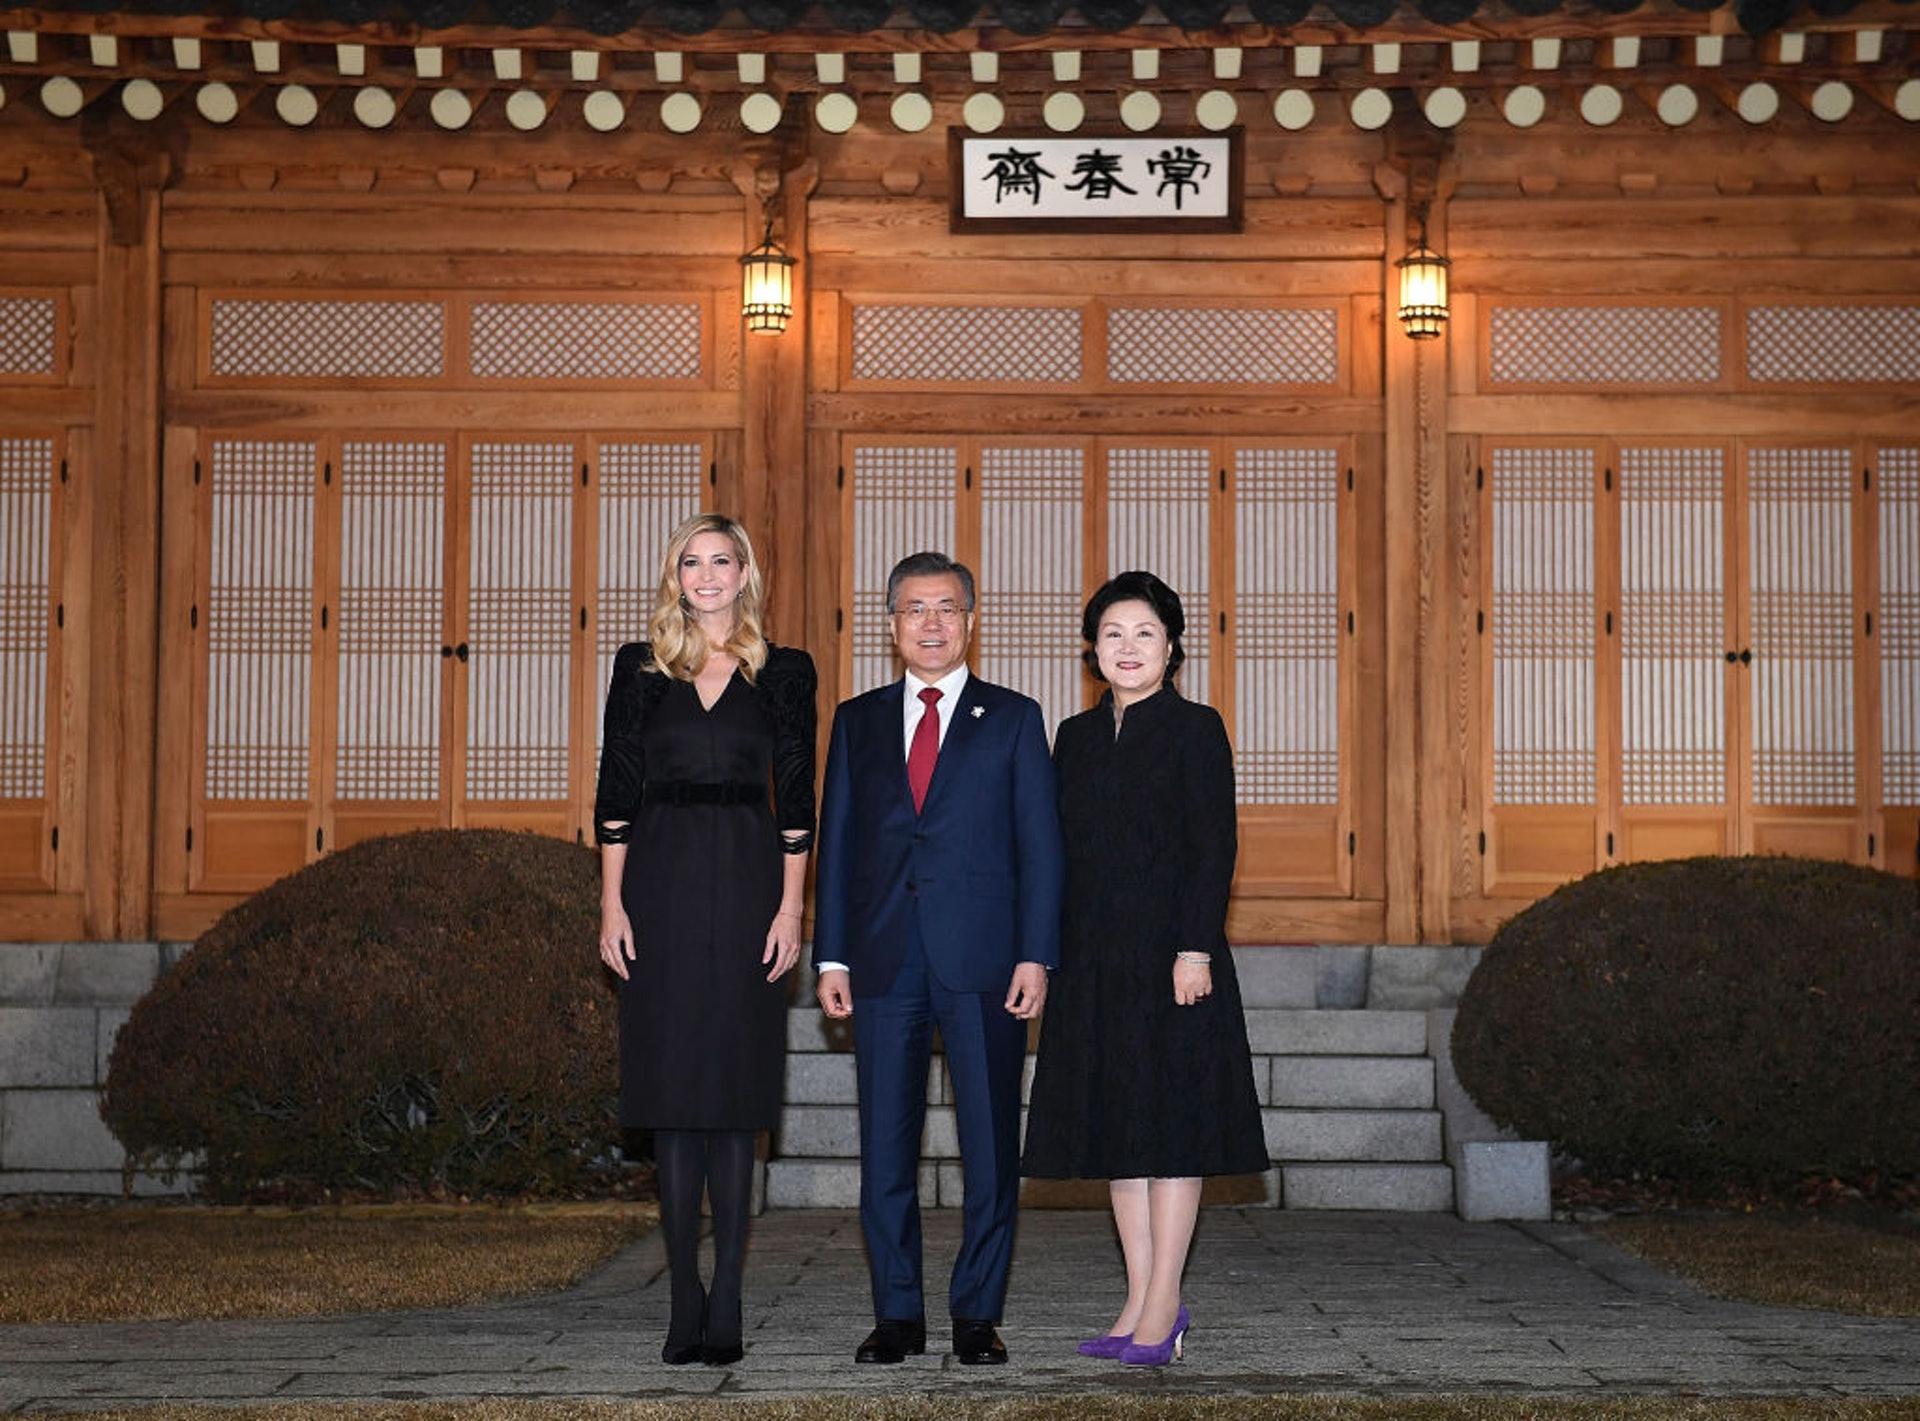 美國第一千金伊萬卡:她曾多次代表美國出席國際盛事,圖為她2018年到韓國出席平昌冬奧時,2月23日在首爾與韓國總統文在寅夫婦合照。(Getty)